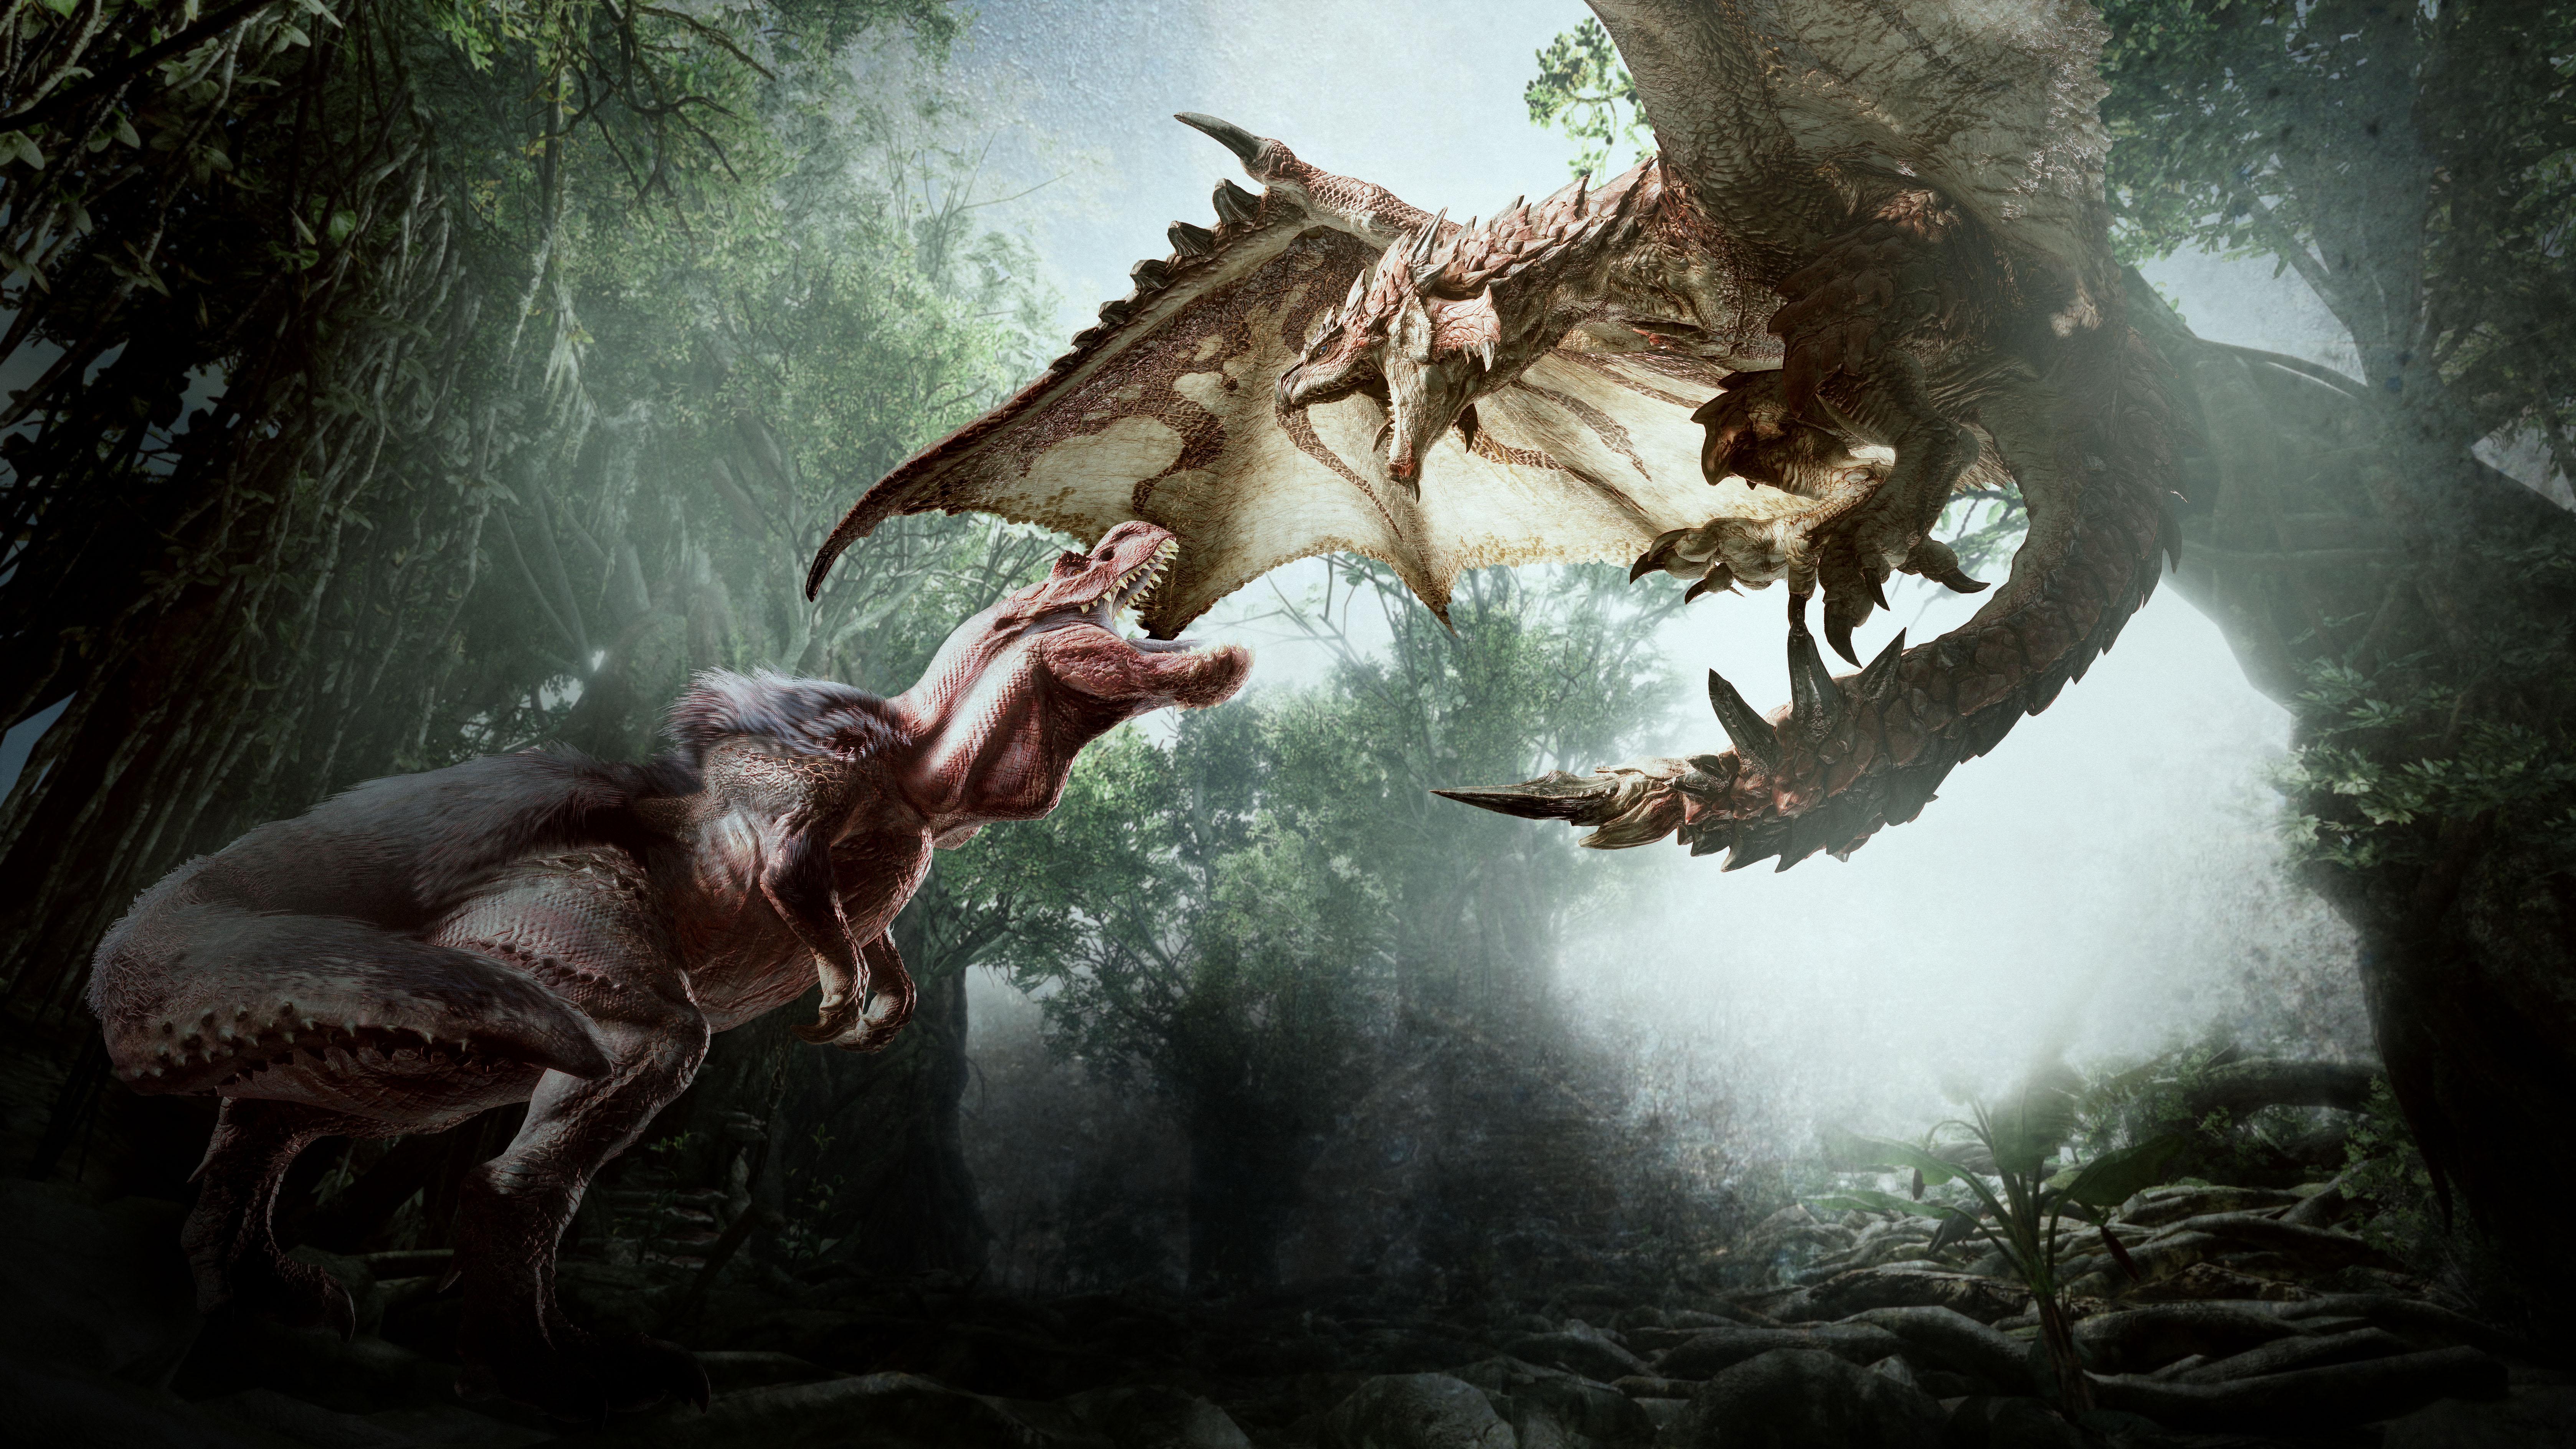 monster-hunter-world-wallpaper-zuu-01